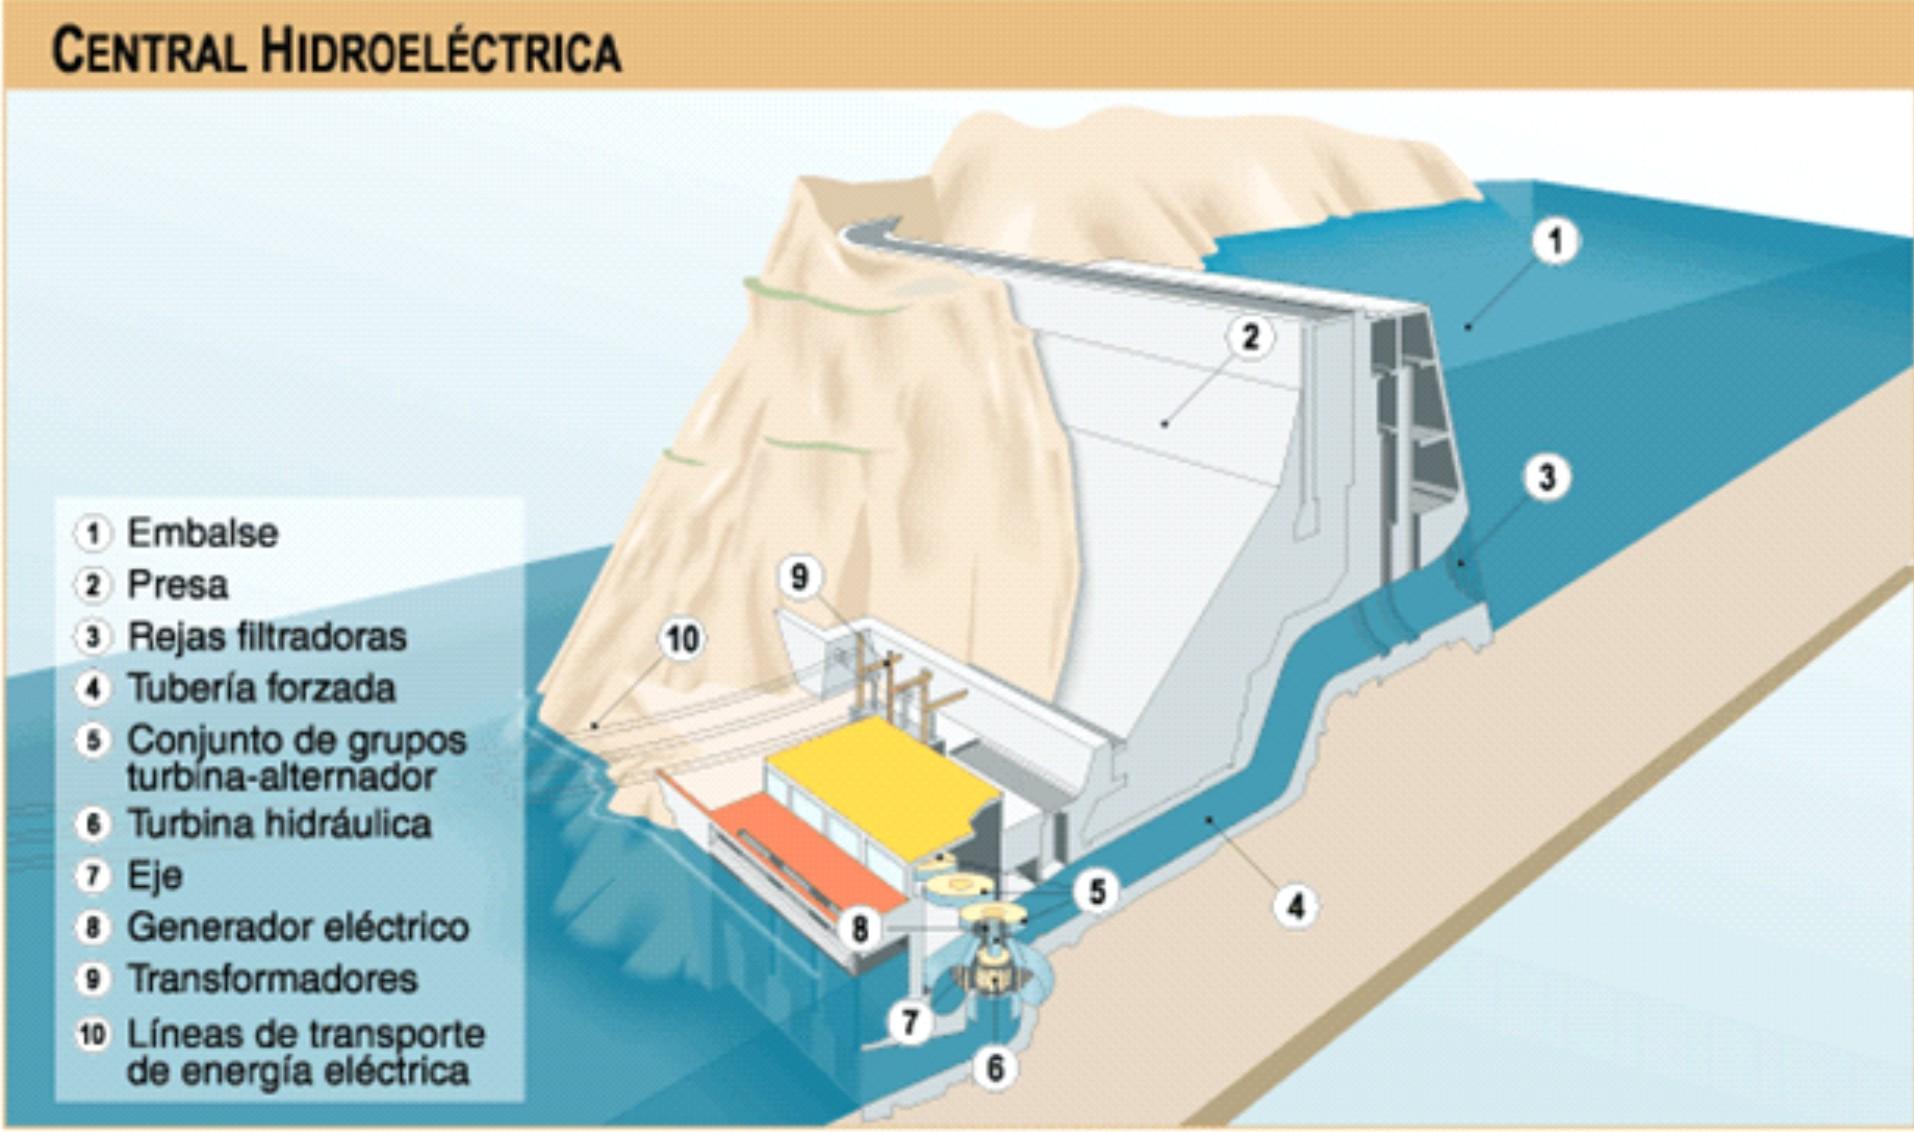 Partes de una central hidroeléctrica y sus funciones